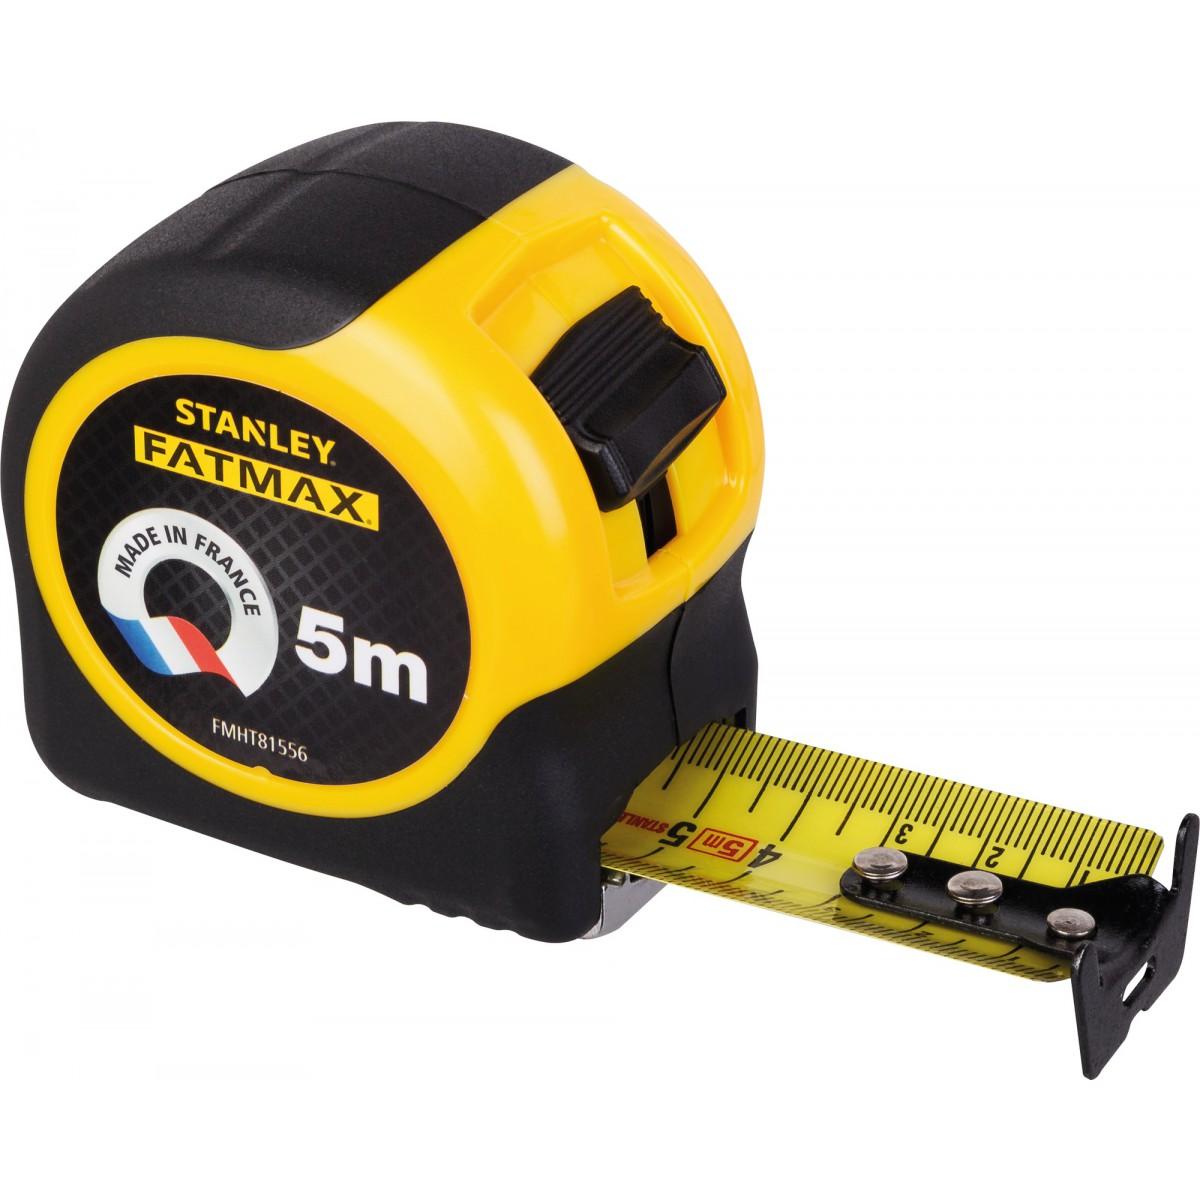 Mesure courte Blade Amor Fatmax Stanley - Longueur 5 m - Largeur 32 mm